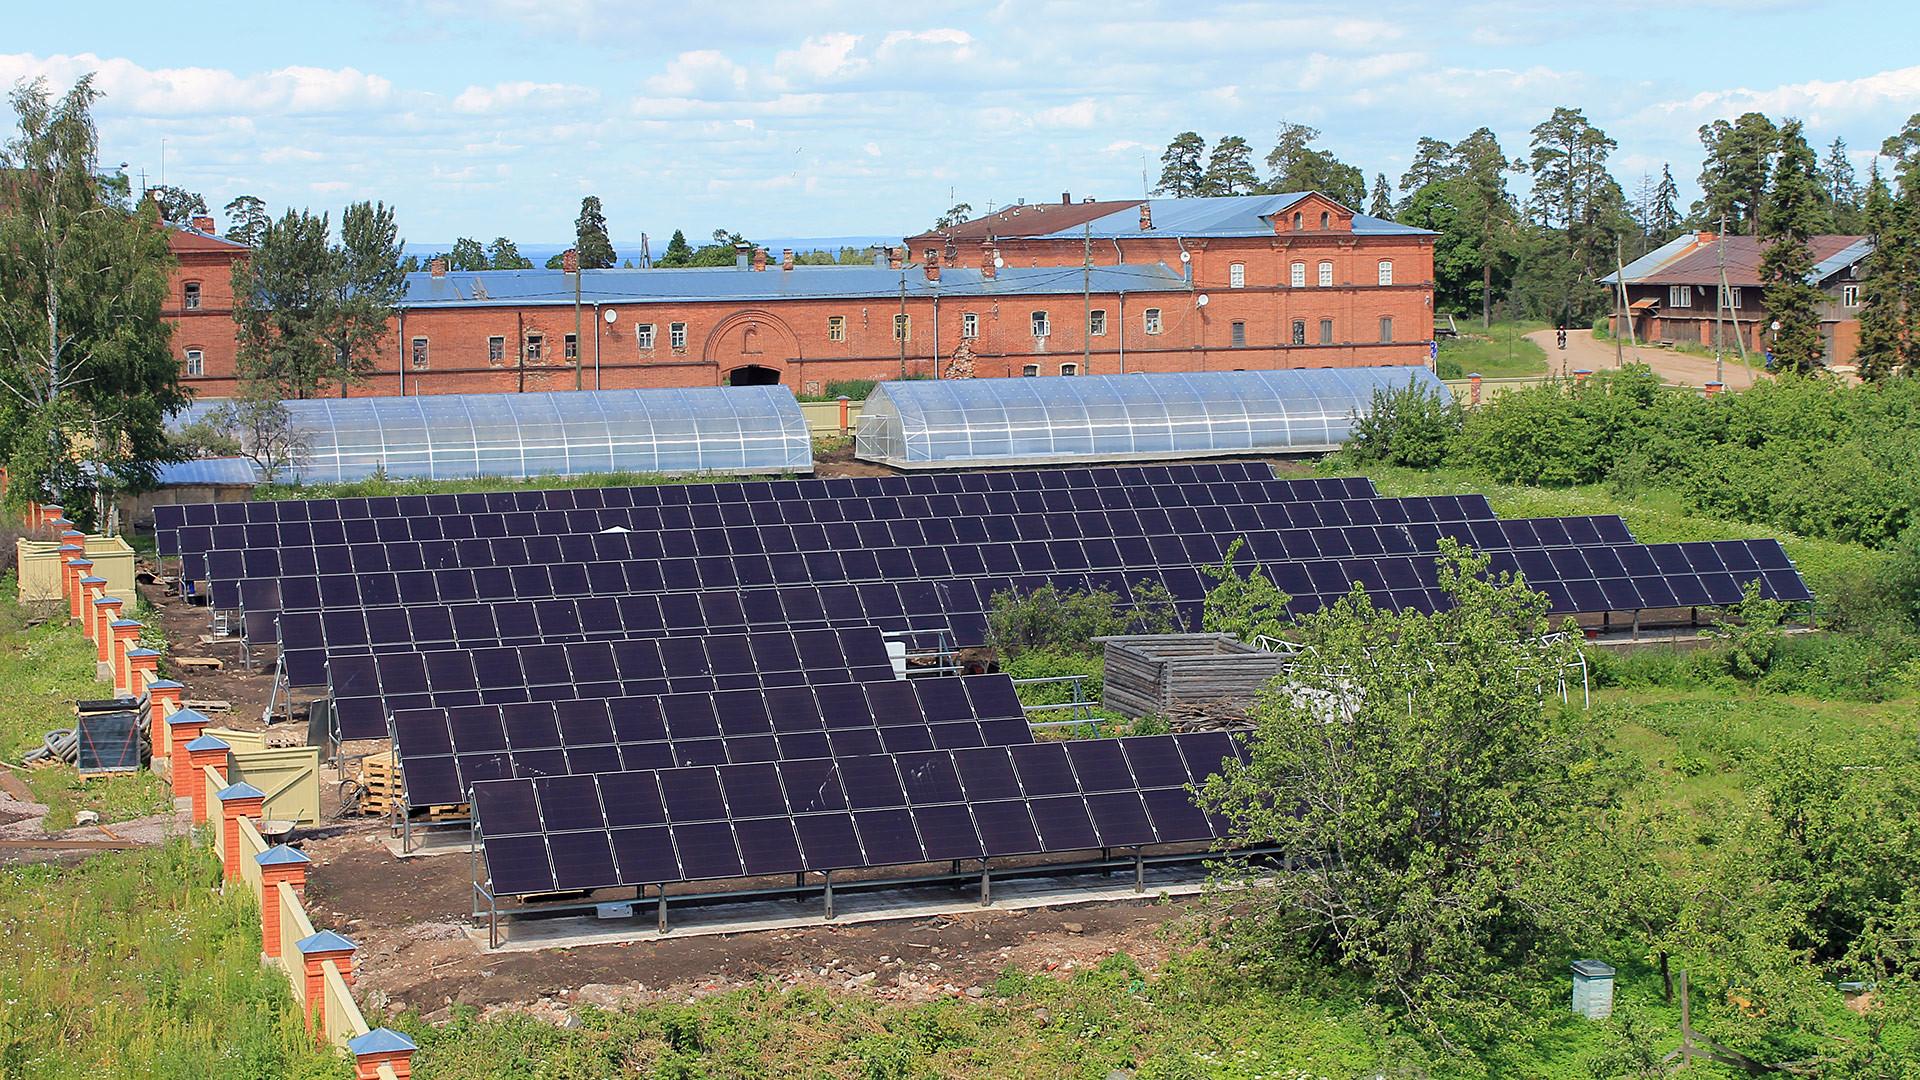 Соларна електрана на острву Валаам снабдева енергијом манастирске стакленике.